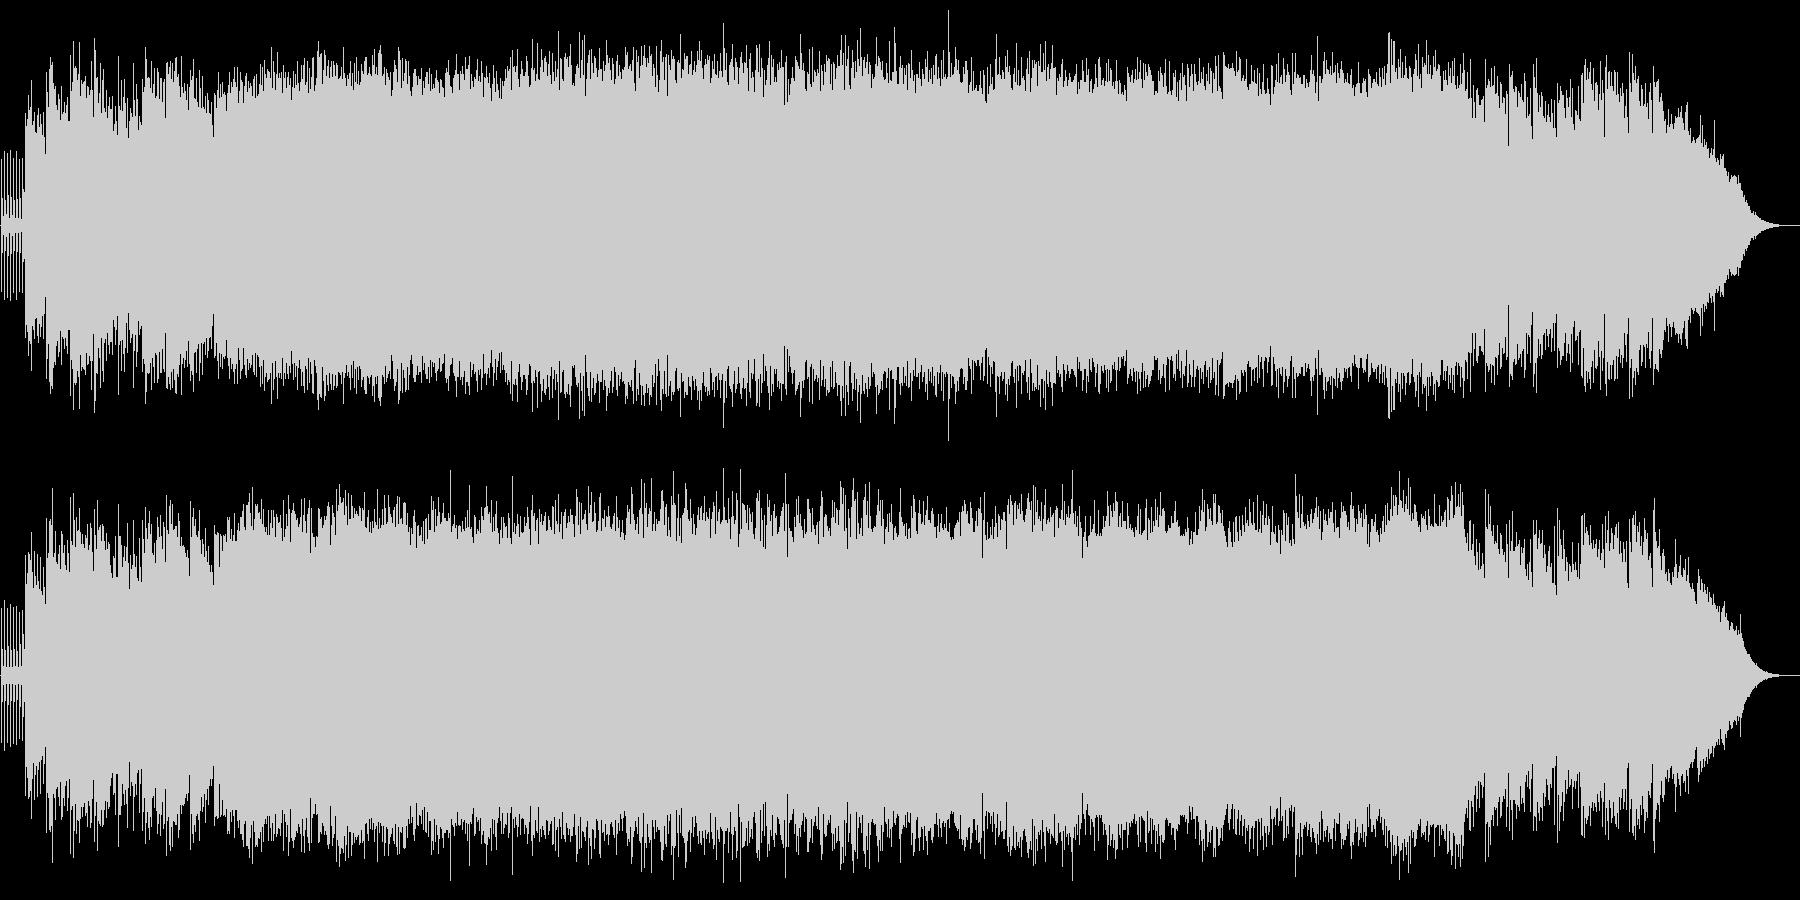 ノイズ系ロックの明るいシューゲイザーの未再生の波形